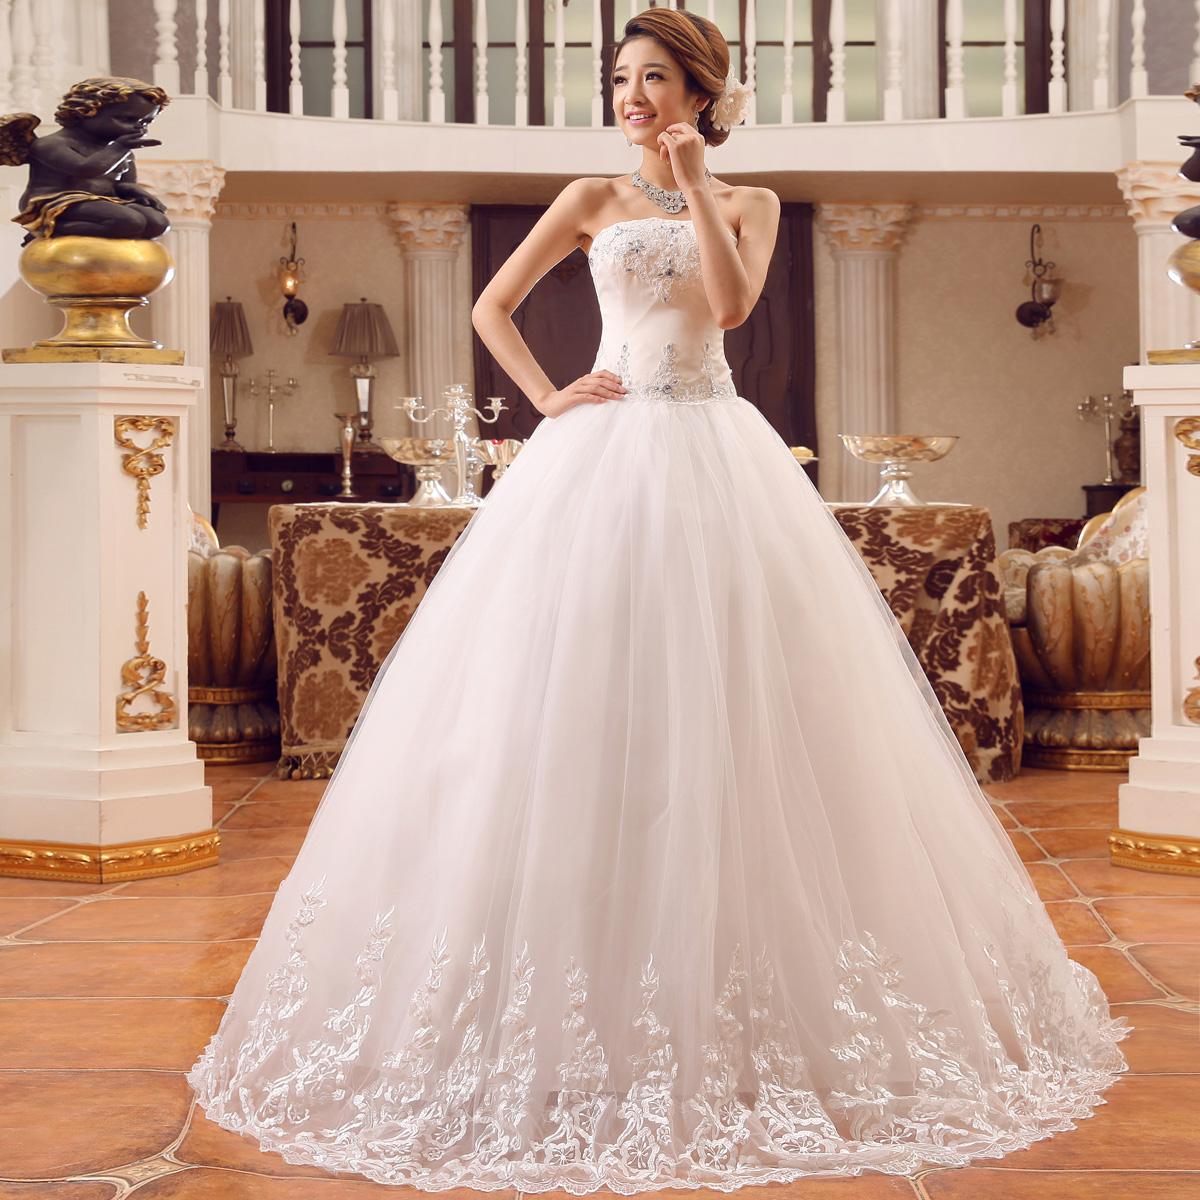 Bride Cheap Wedding Dress 2015 Plus Size White Lace